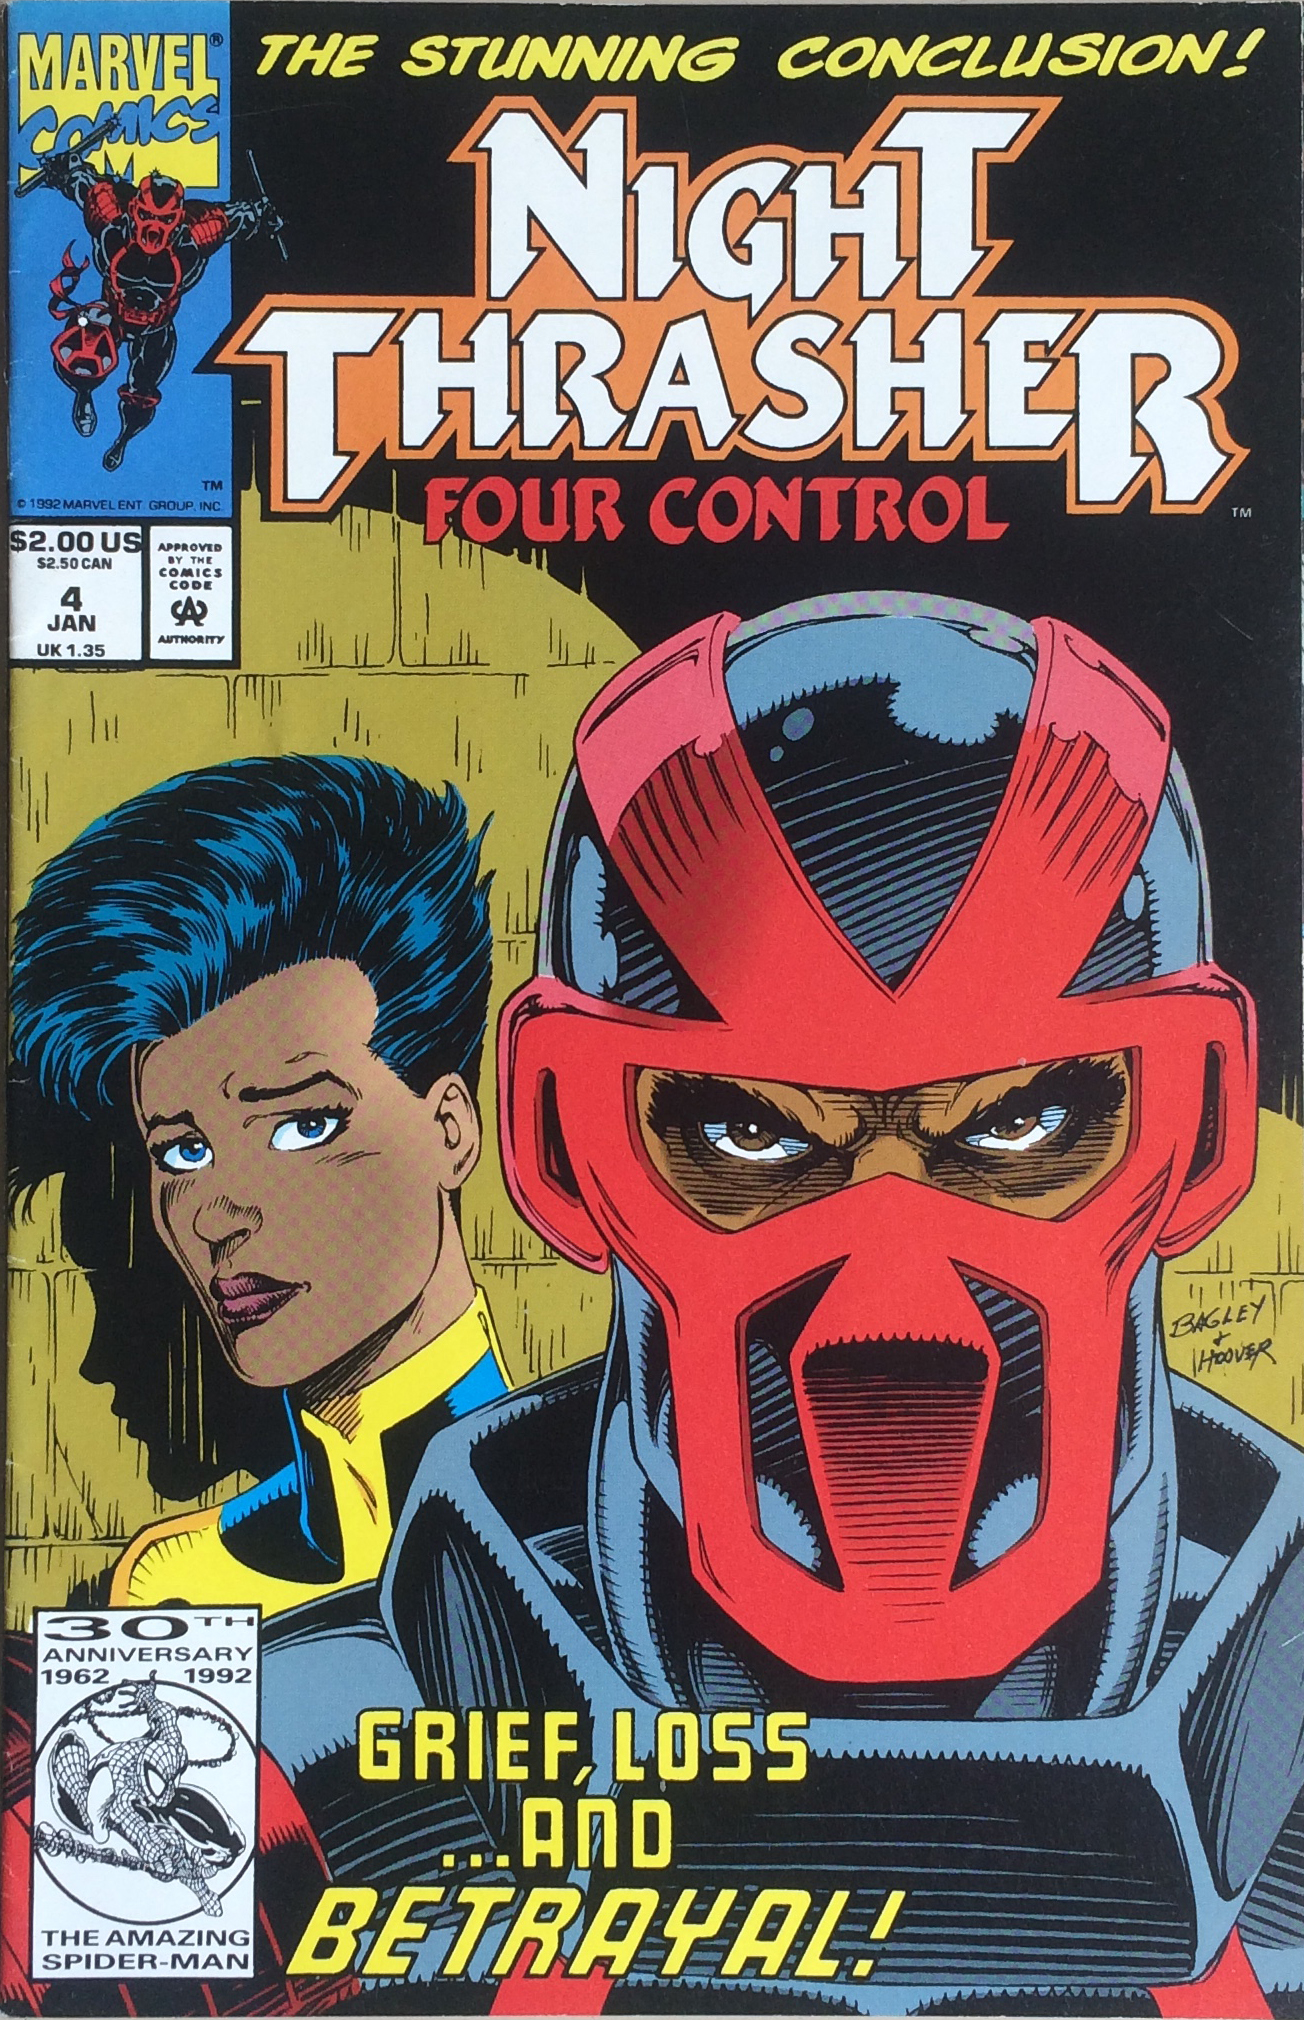 Night Trasher_4_Marvel_January 1993 (full).jpg